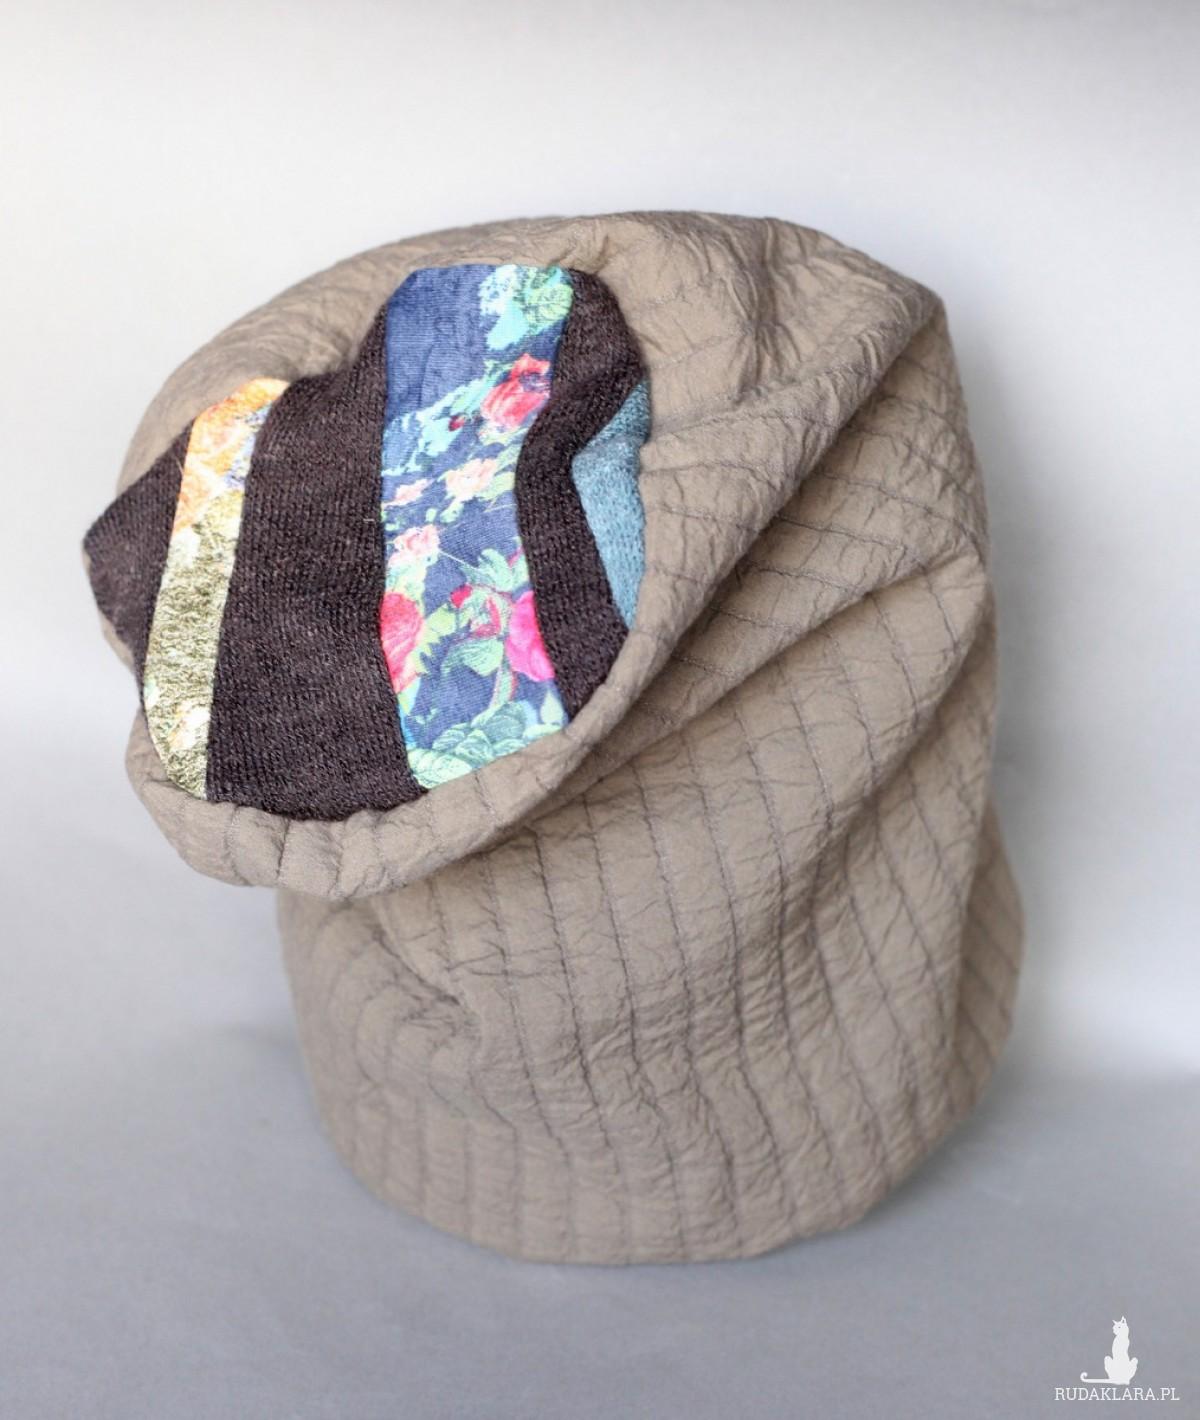 czapka handmade rzeźnikowi spod pachy szedł zapach kiełbachy A1